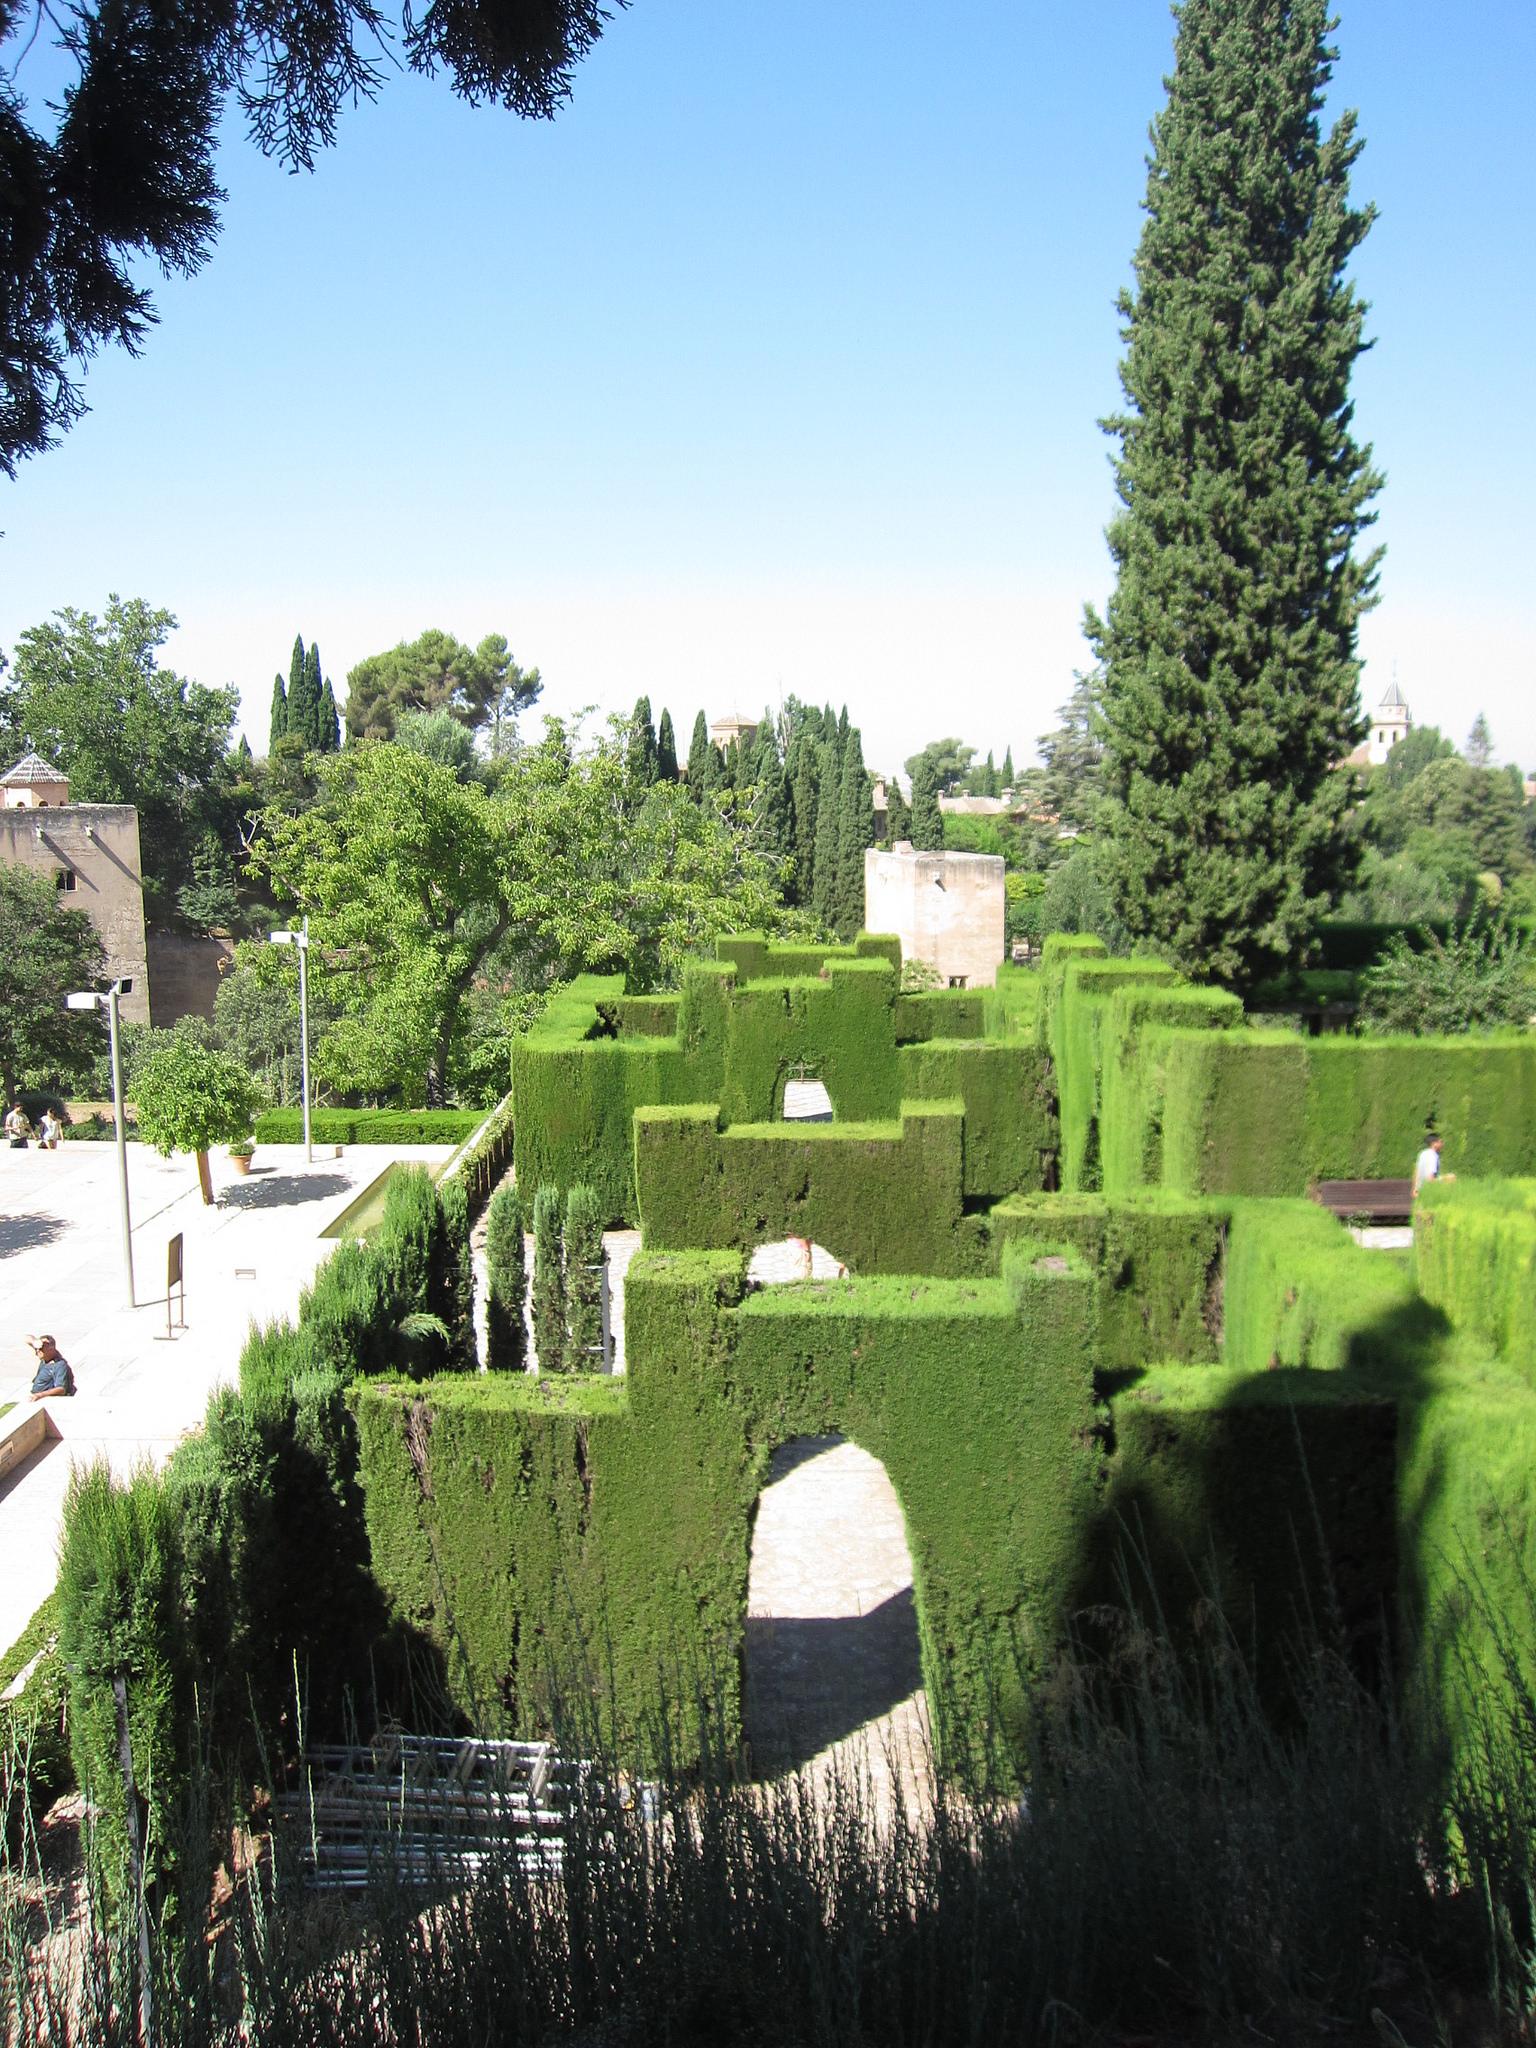 Сады Хенералифе, Хардин-да-ла-Султана